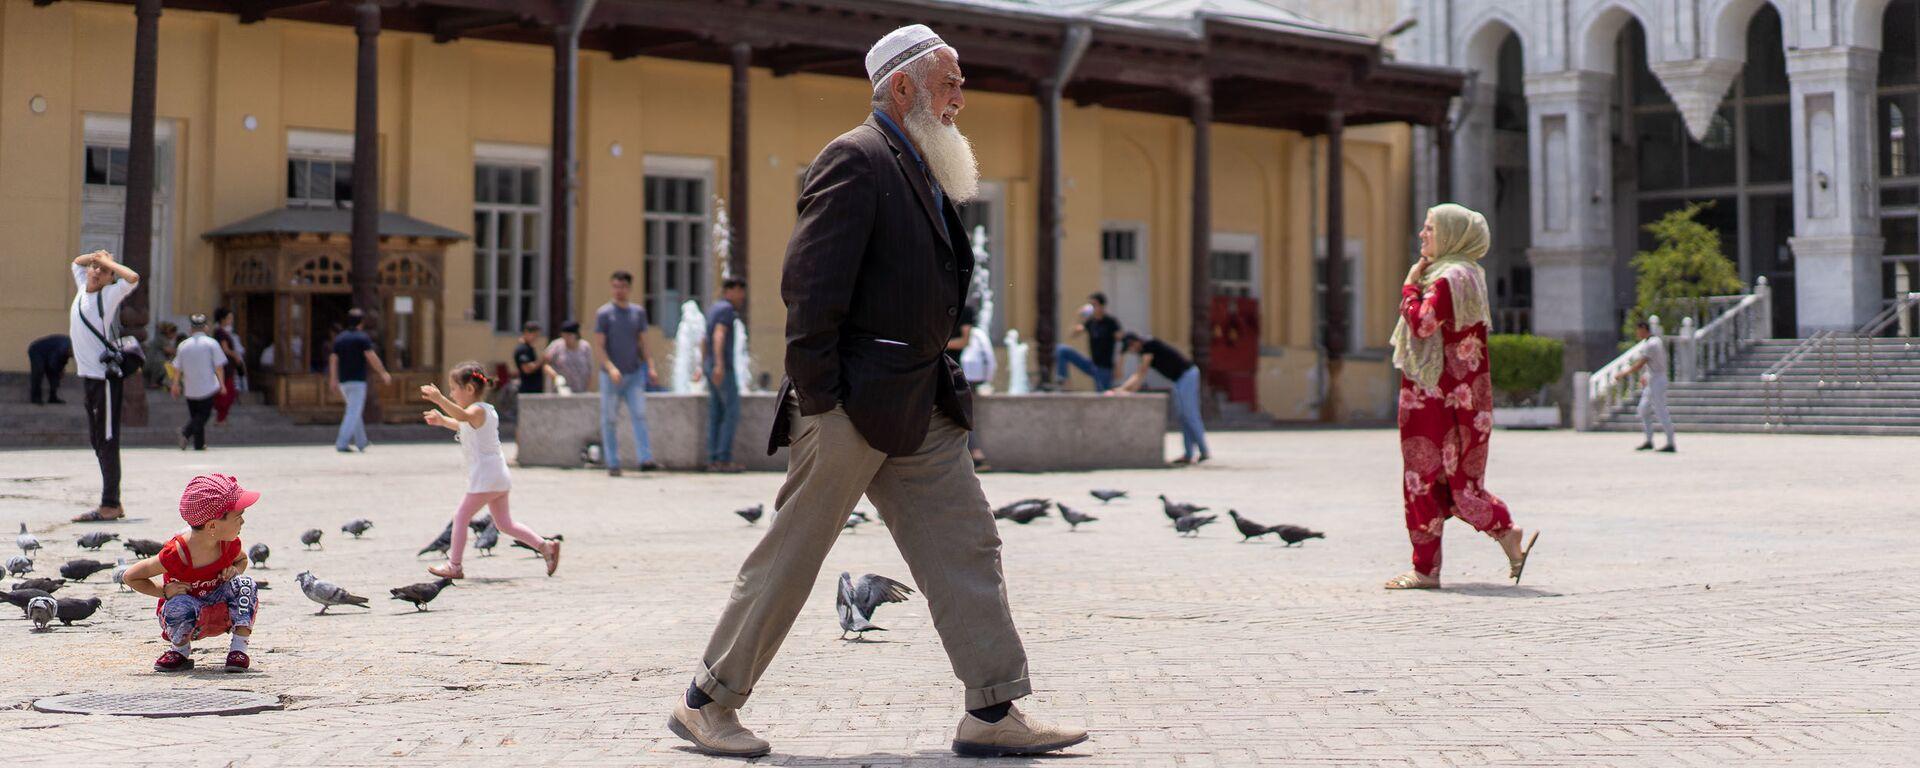 Дедушка идет по улице, архивное фото - Sputnik Таджикистан, 1920, 23.07.2021